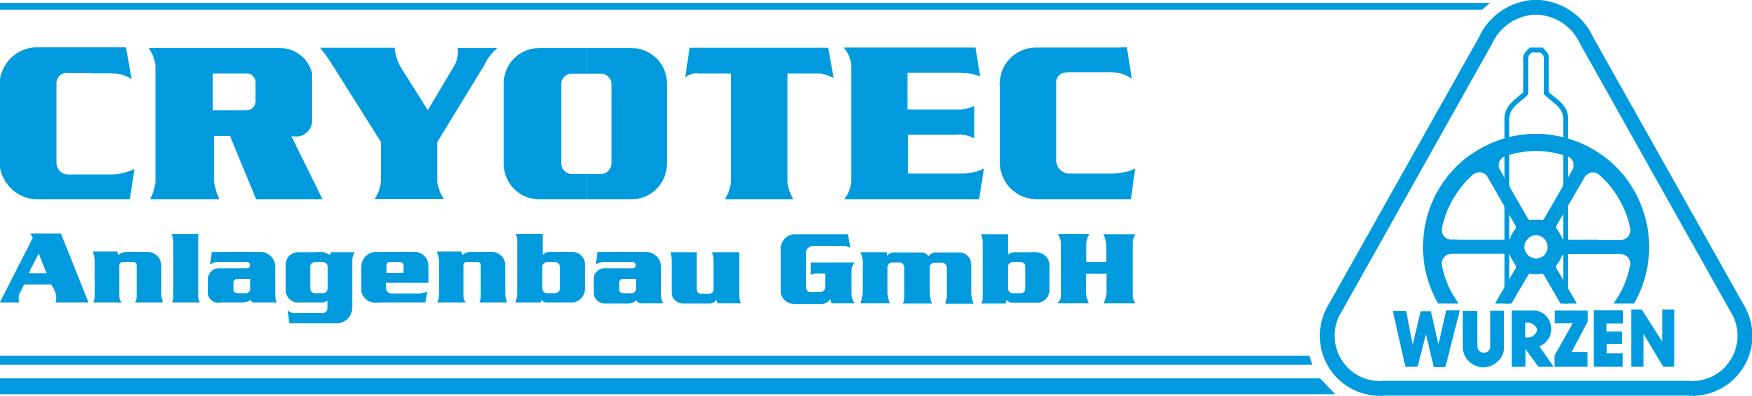 Resultado de imagen de cryotec logo